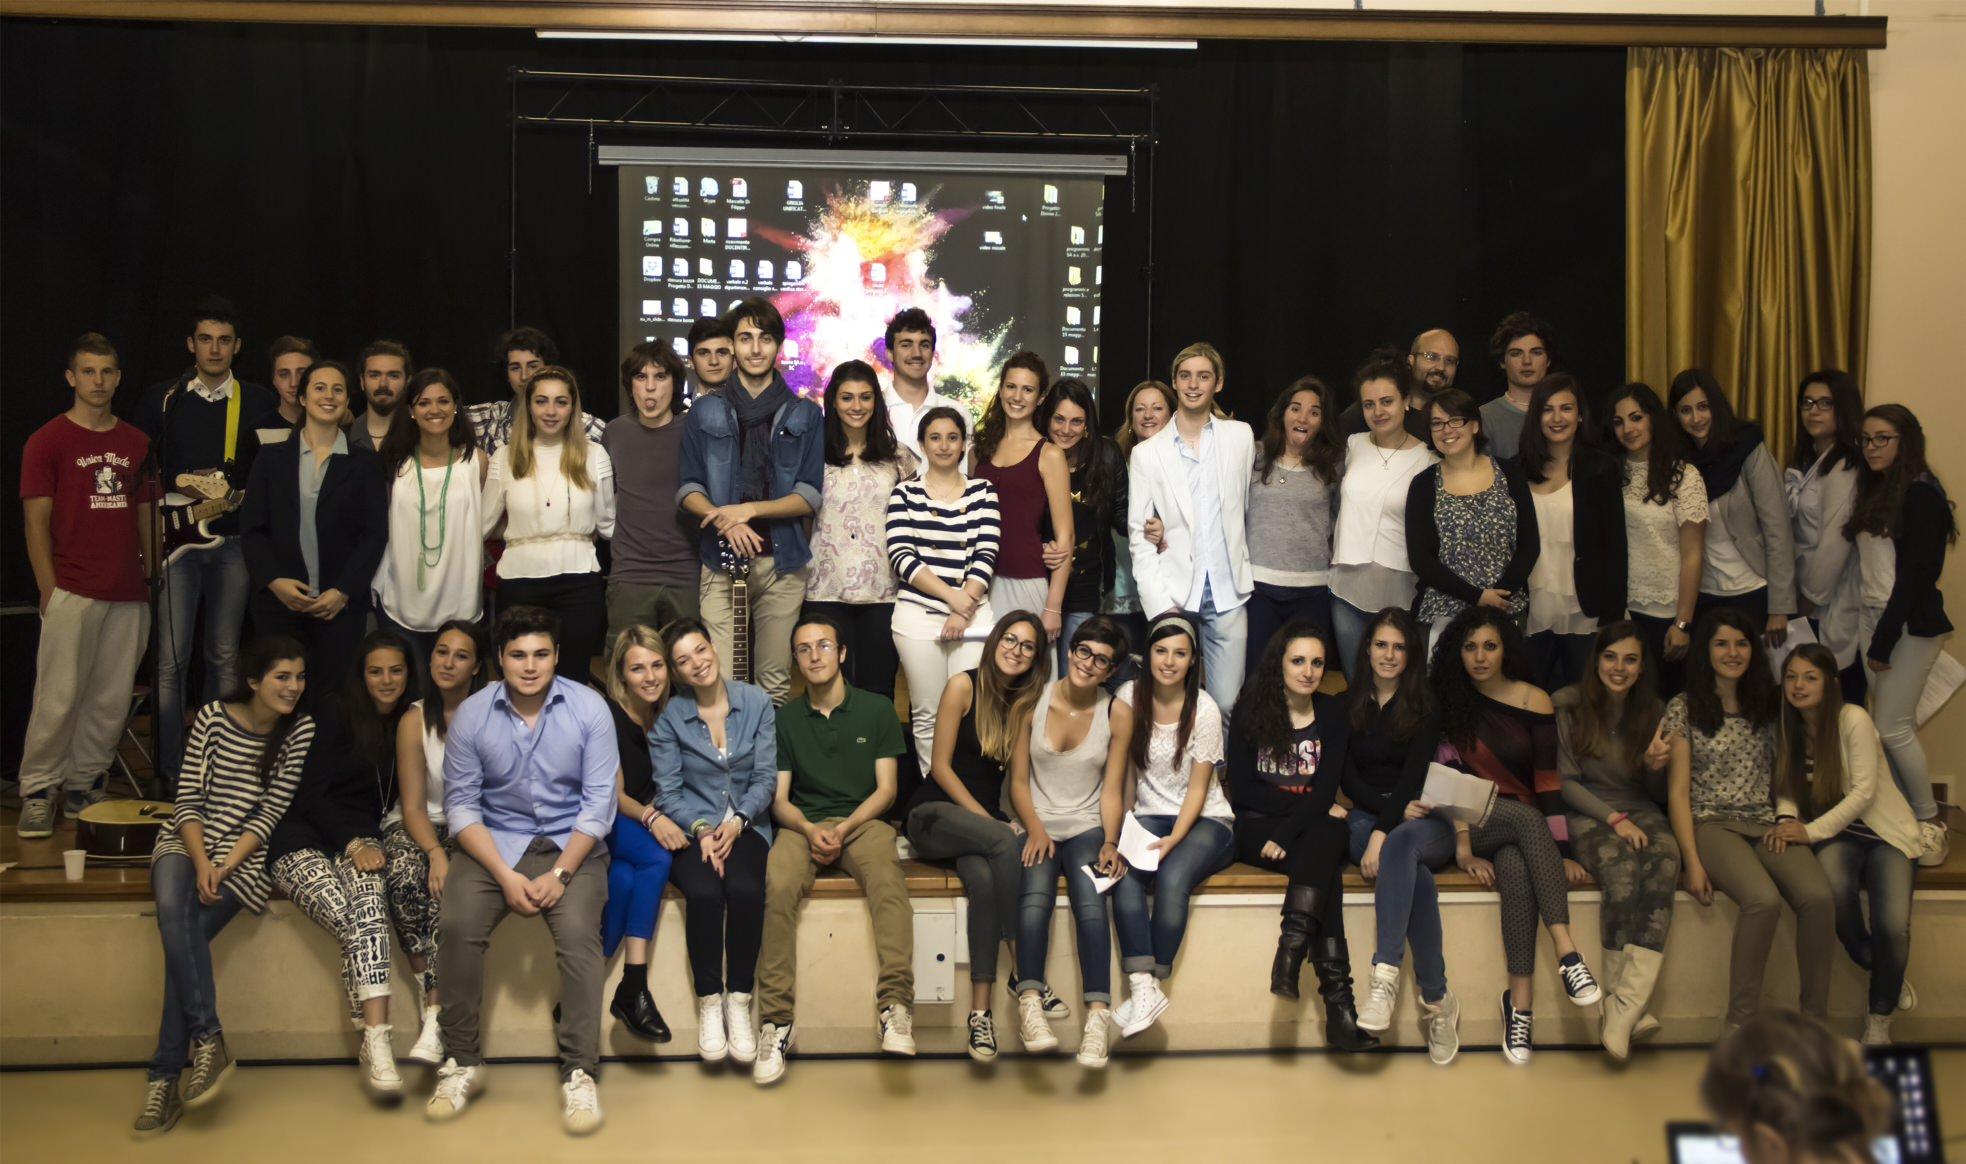 Un viaggio nella storia delle donne con gli alunni e le alunne dell'Istituto Comprensivo Ugo Guidi